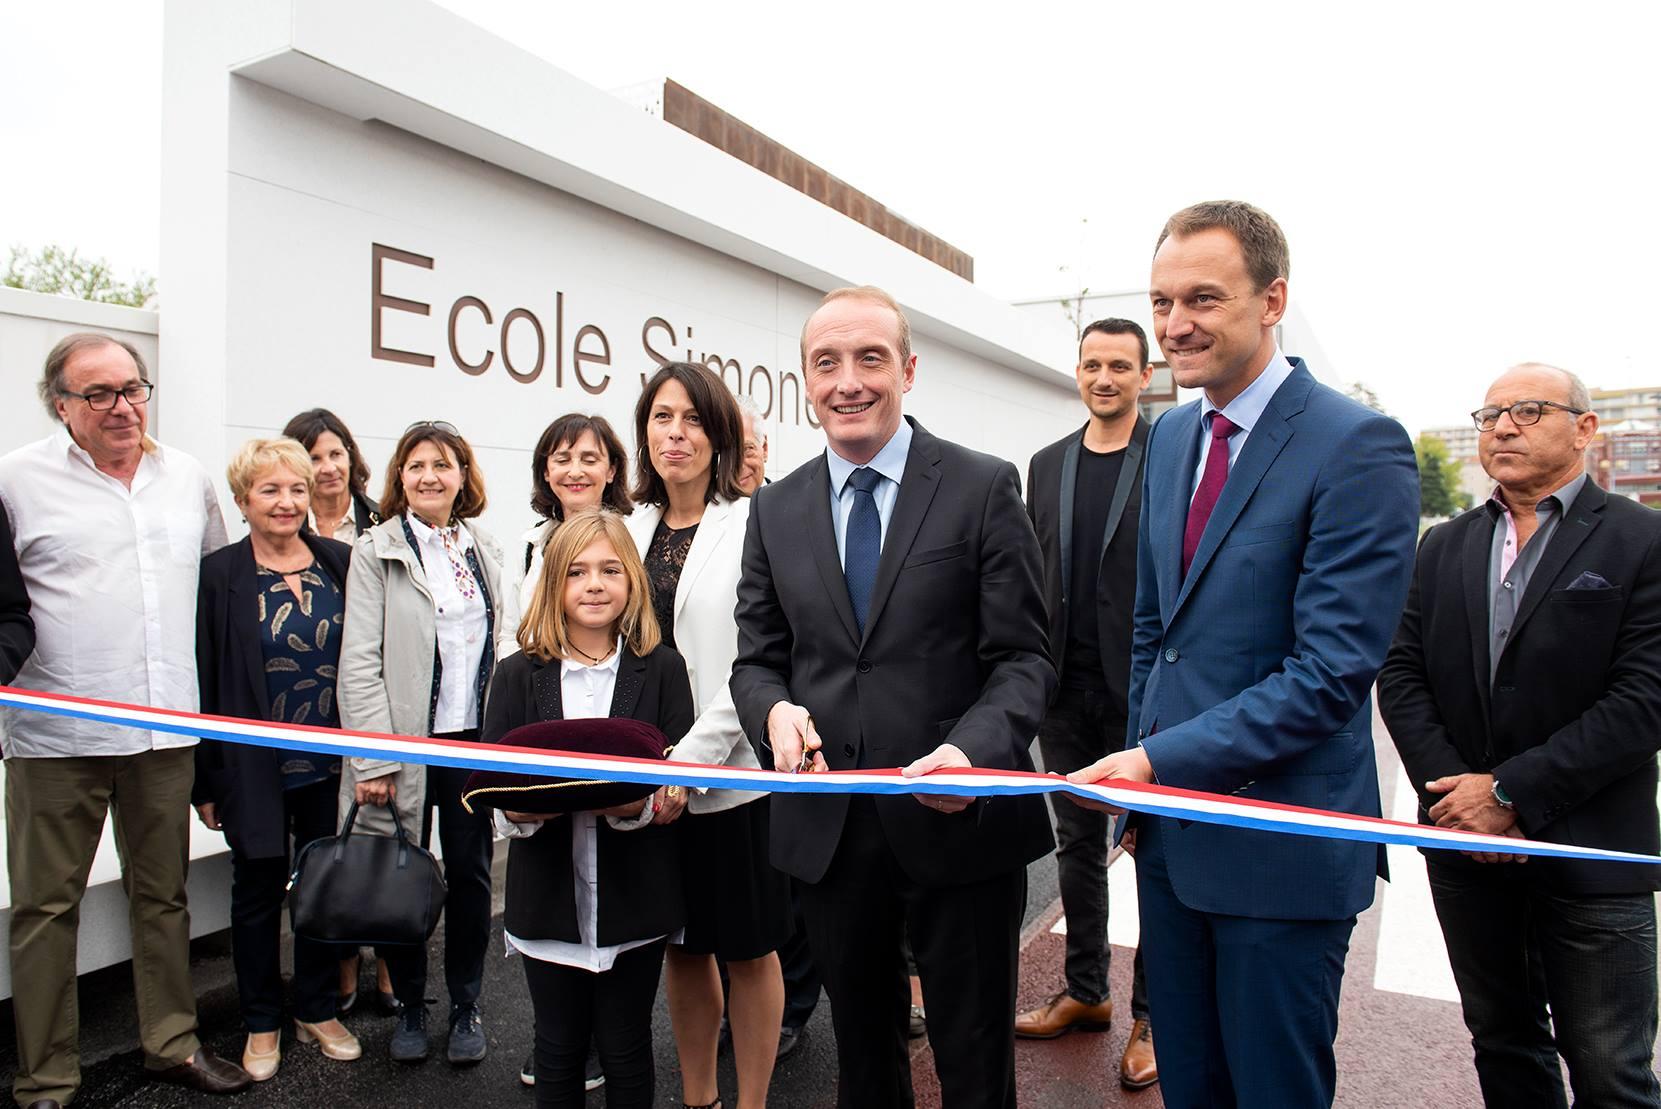 Inauguration de l'école Simone Veil, la plus moderne des écoles ajacciennes